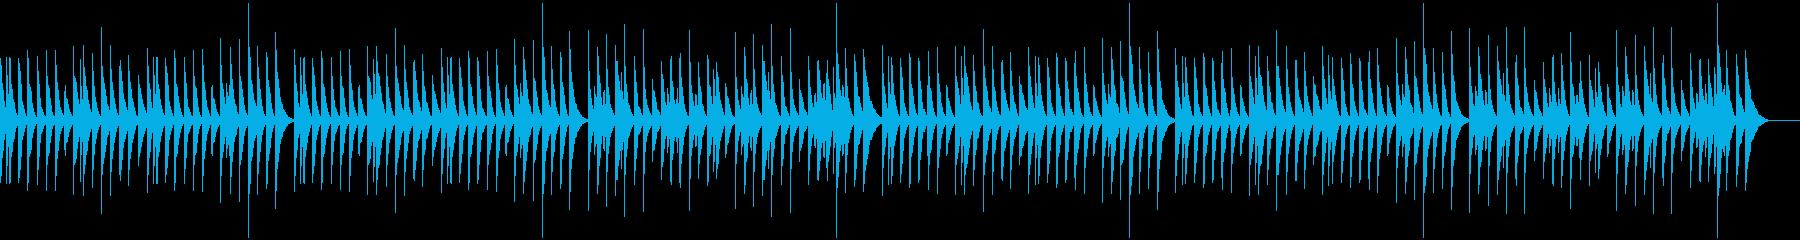 かわいい木琴、コミカルの再生済みの波形